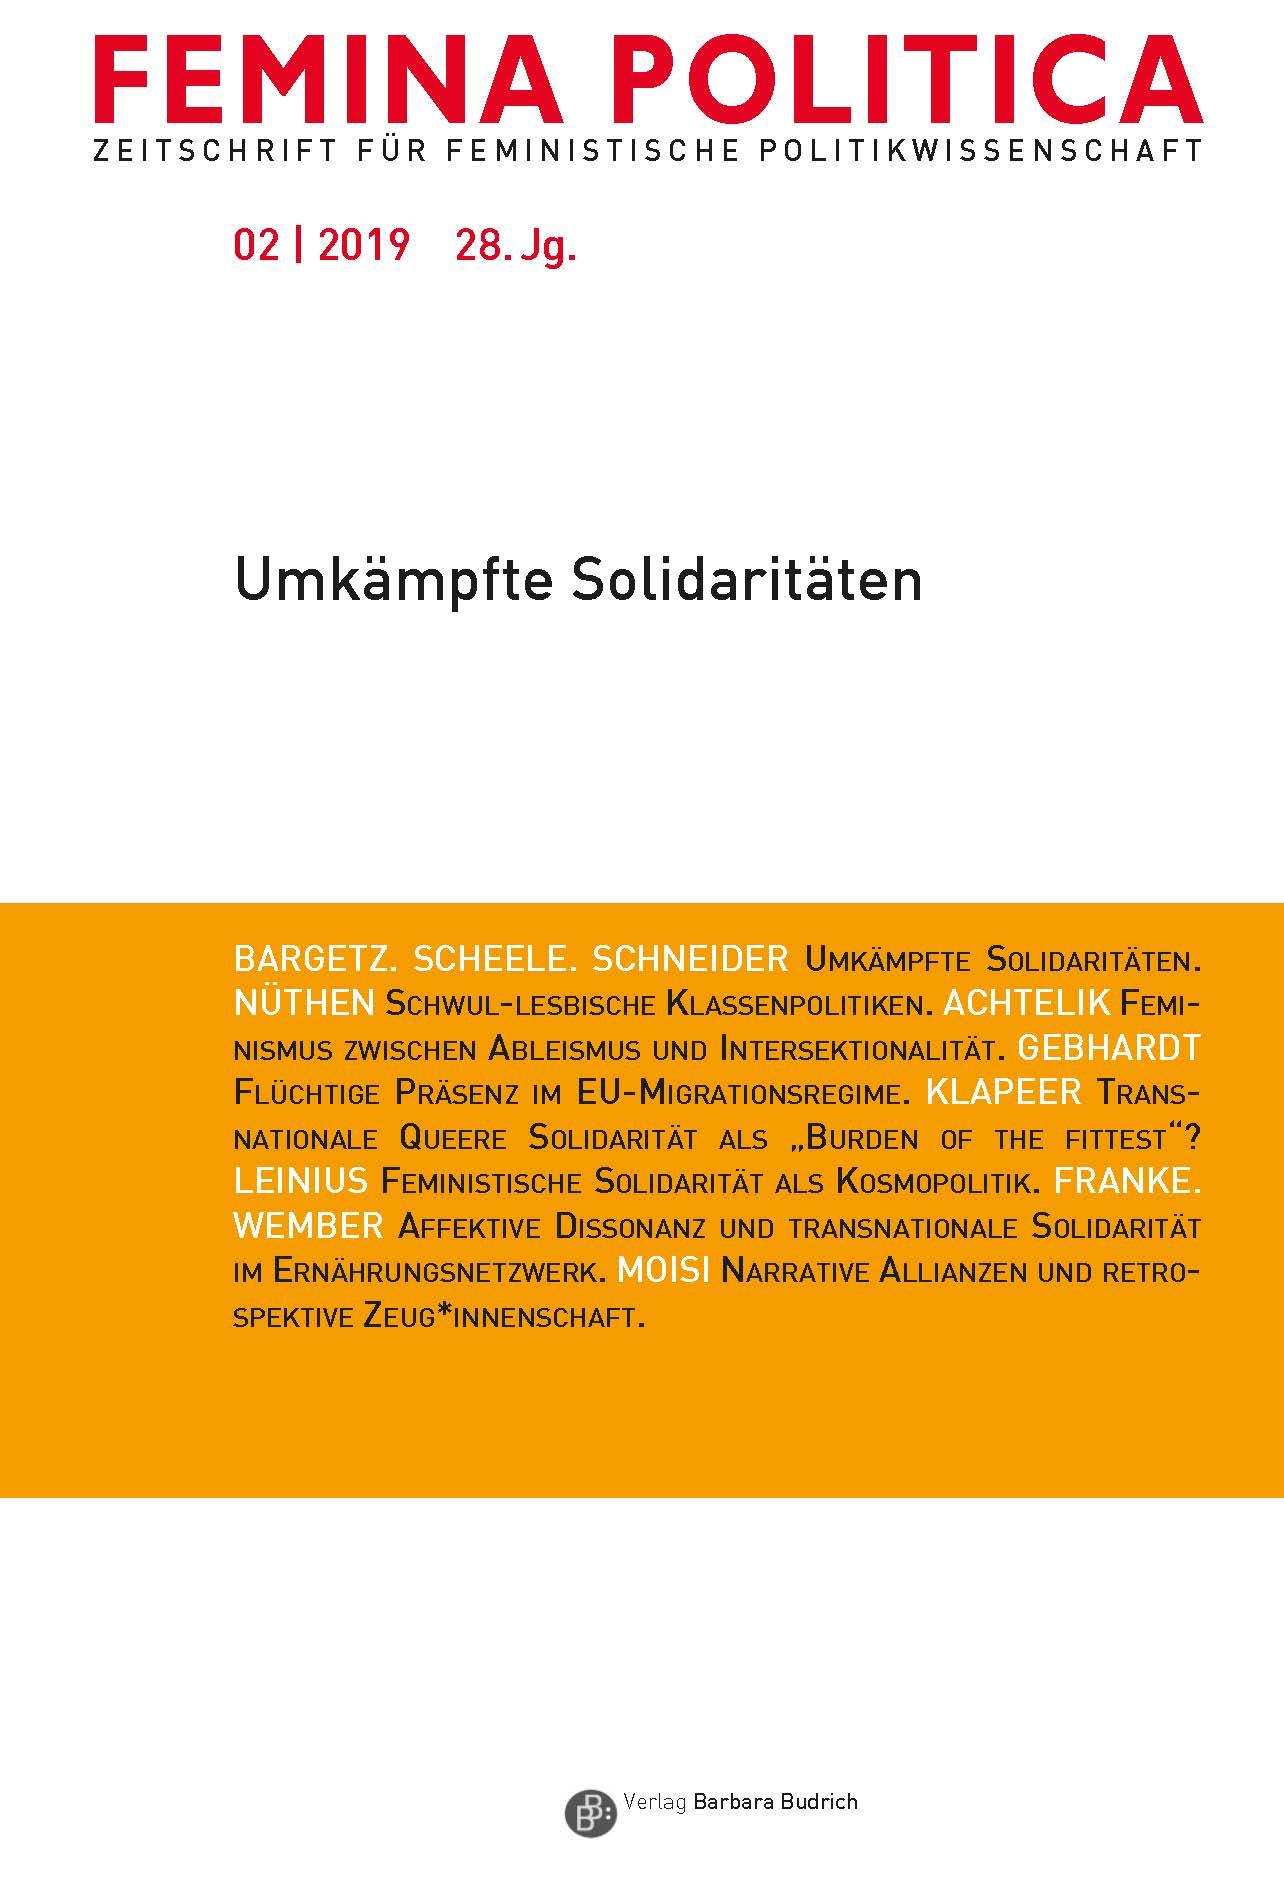 Femina Politica – Zeitschrift für feministische Politikwissenschaft 2-2019: Umkämpfte Solidaritäten